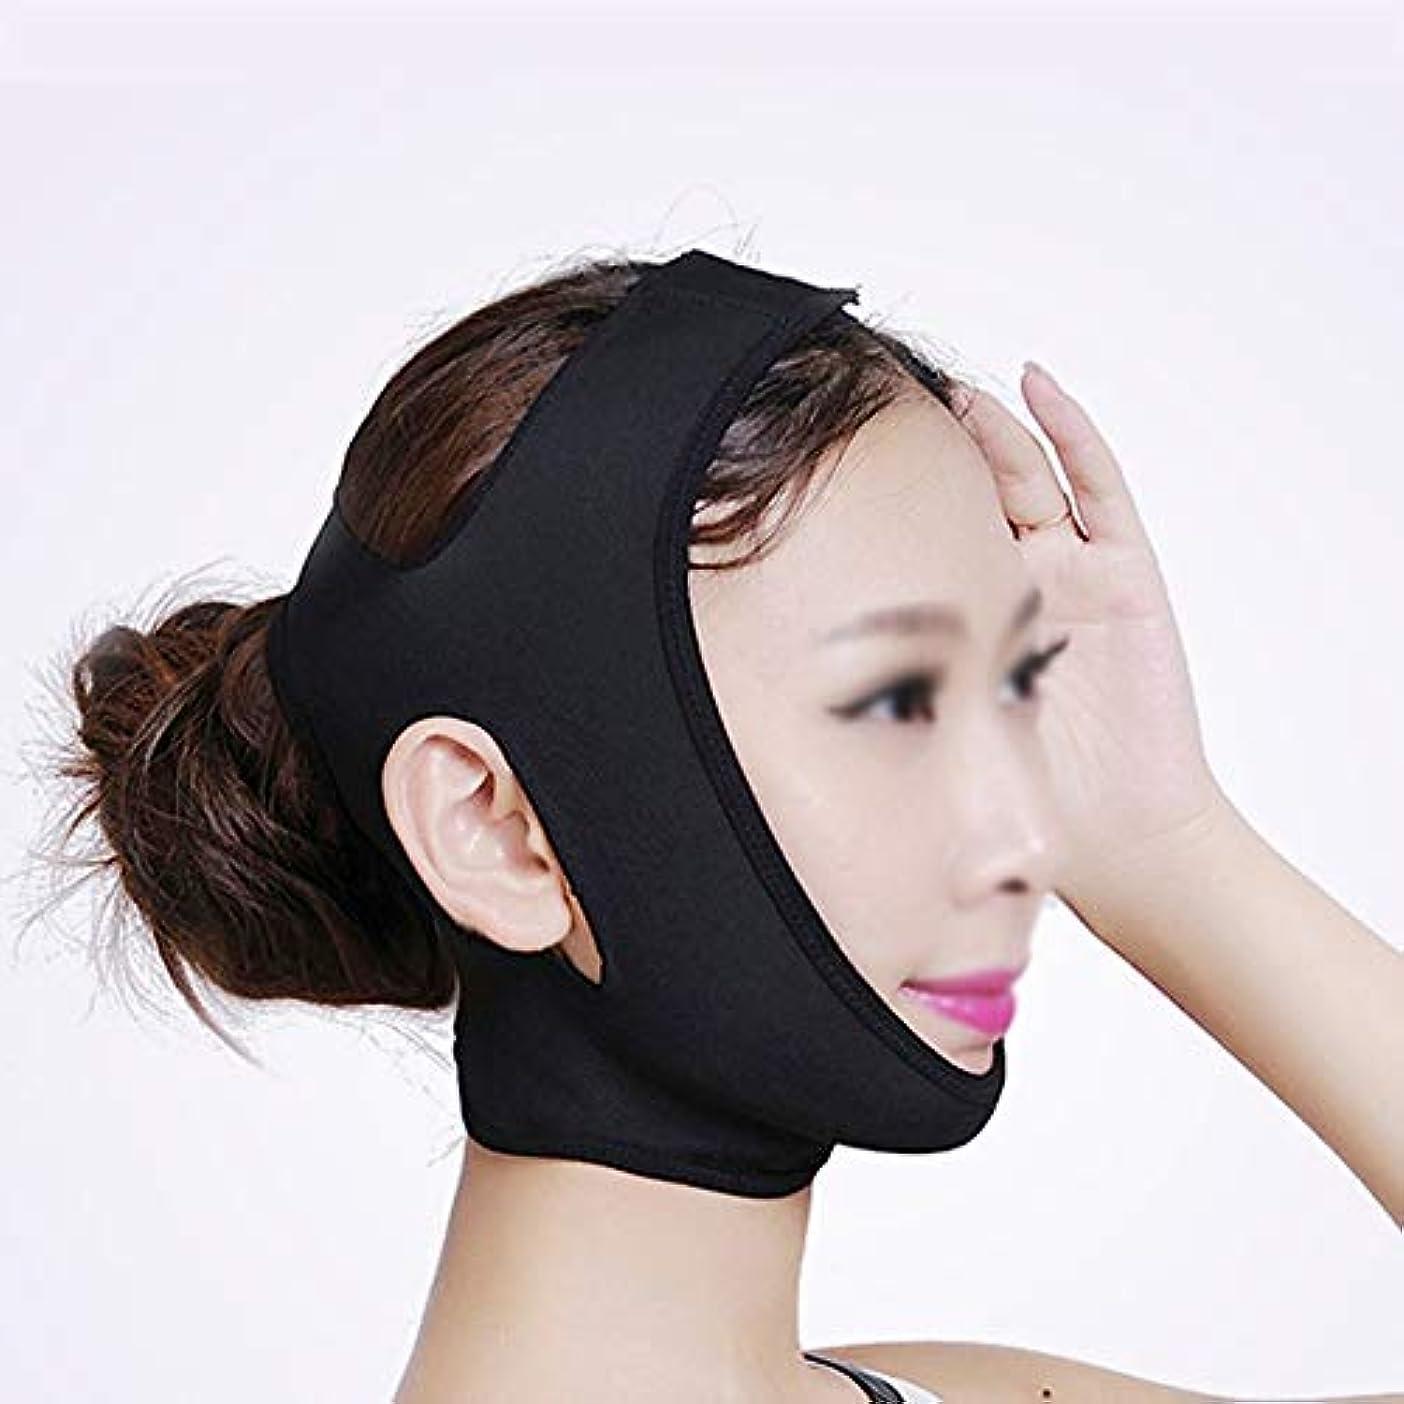 承認するセッティング追い払うLJK 減量の包帯、顔の持ち上がる包帯、二重あごを減らすために持ち上がるベルトを取除く顔の減量のマスクの持ち上がる表面、フェイスマスク、二重あご (Color : Black, Size : S)